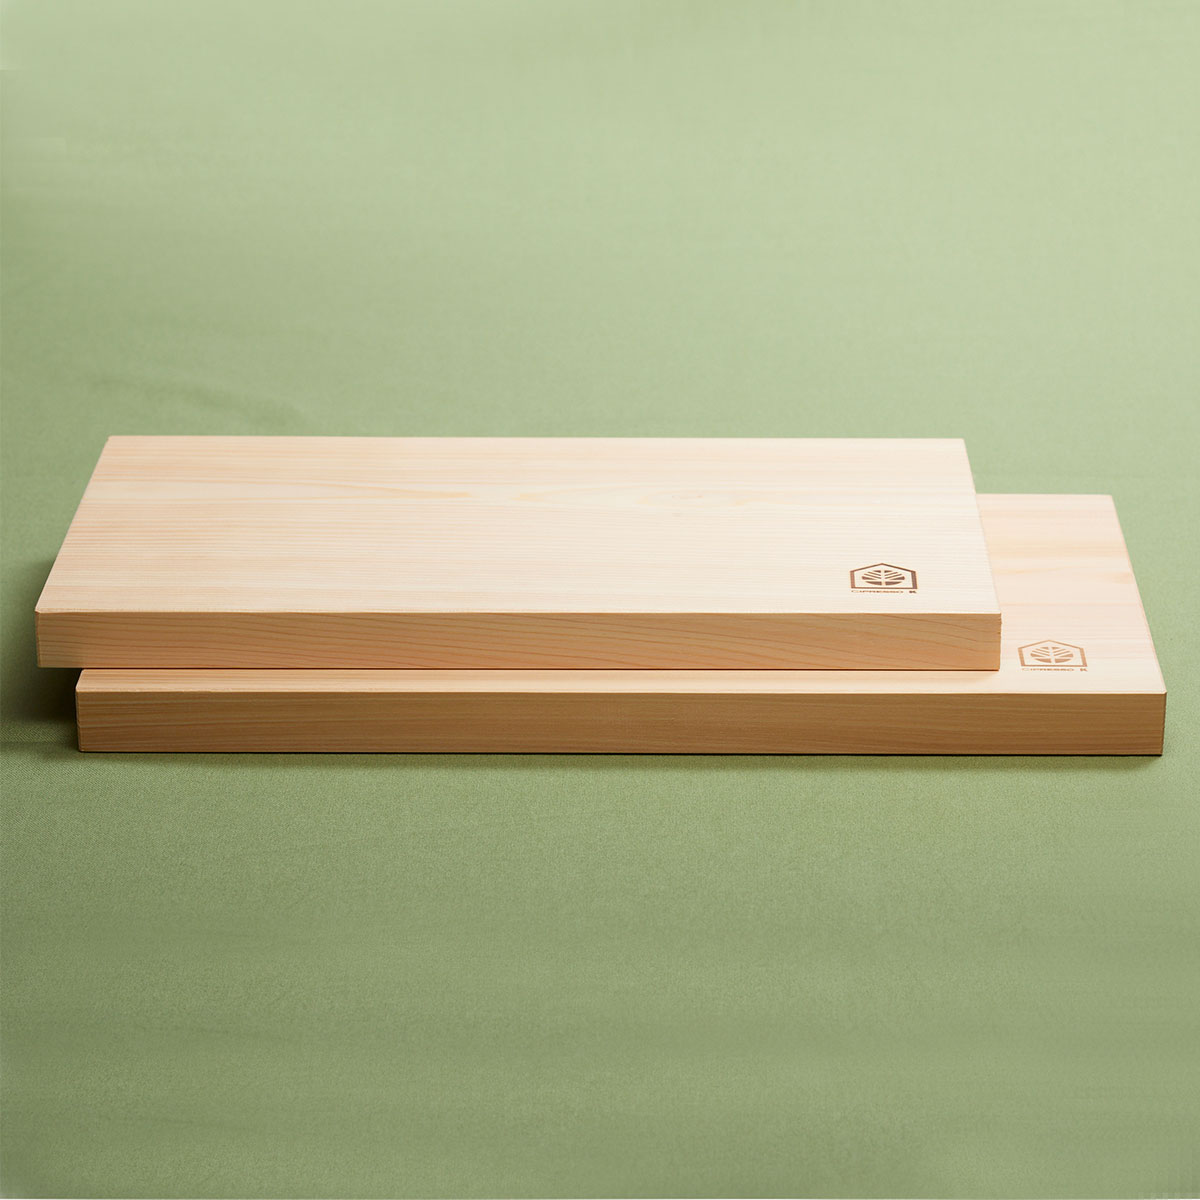 桧まな板(中・小セット)〔中まな板(縦40cm×横21cm×厚2.5cm)、小まな板(縦35cm×横18cm×厚2.1cm)〕